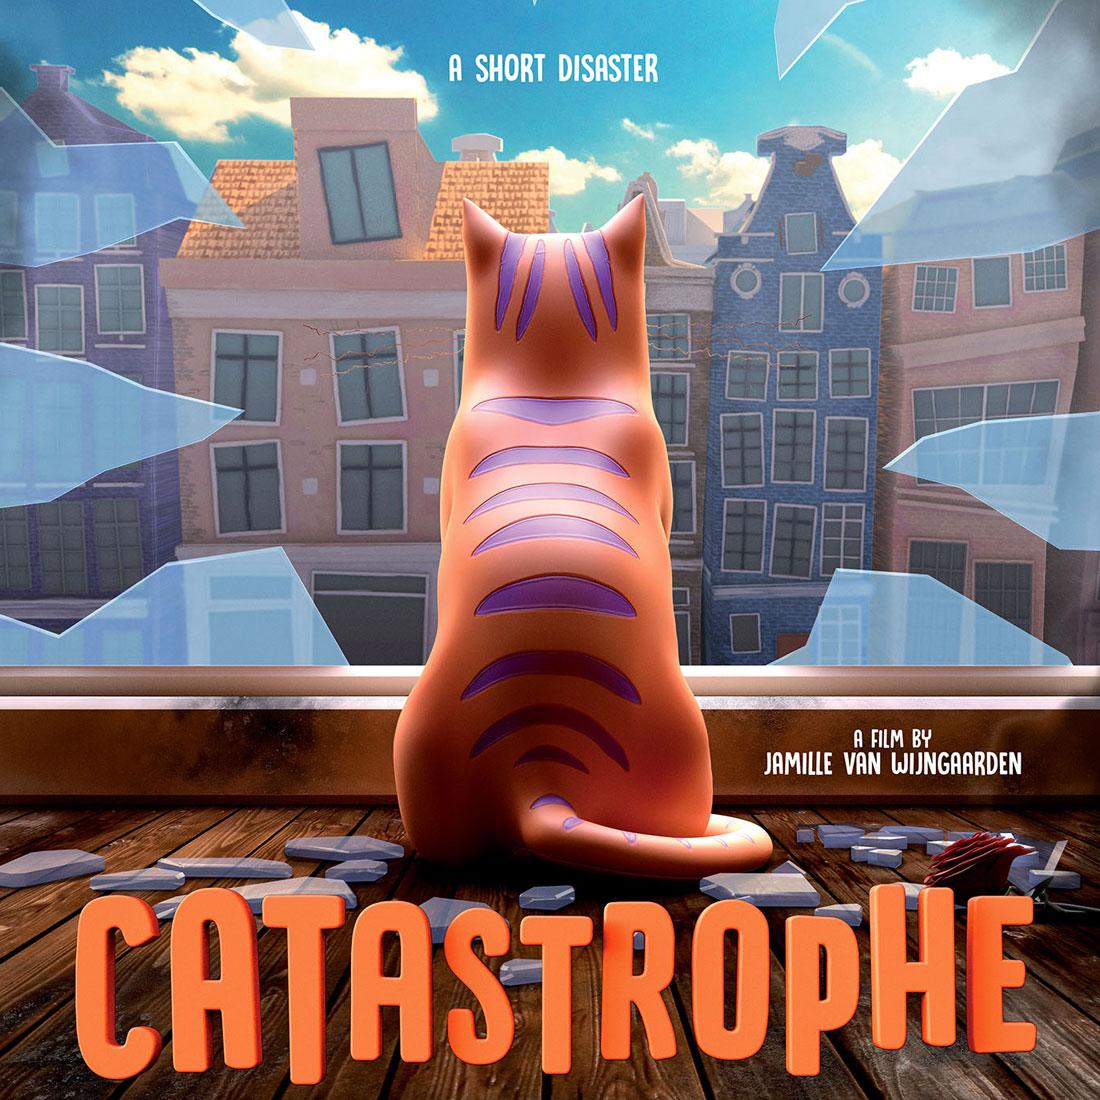 Catatstrophe